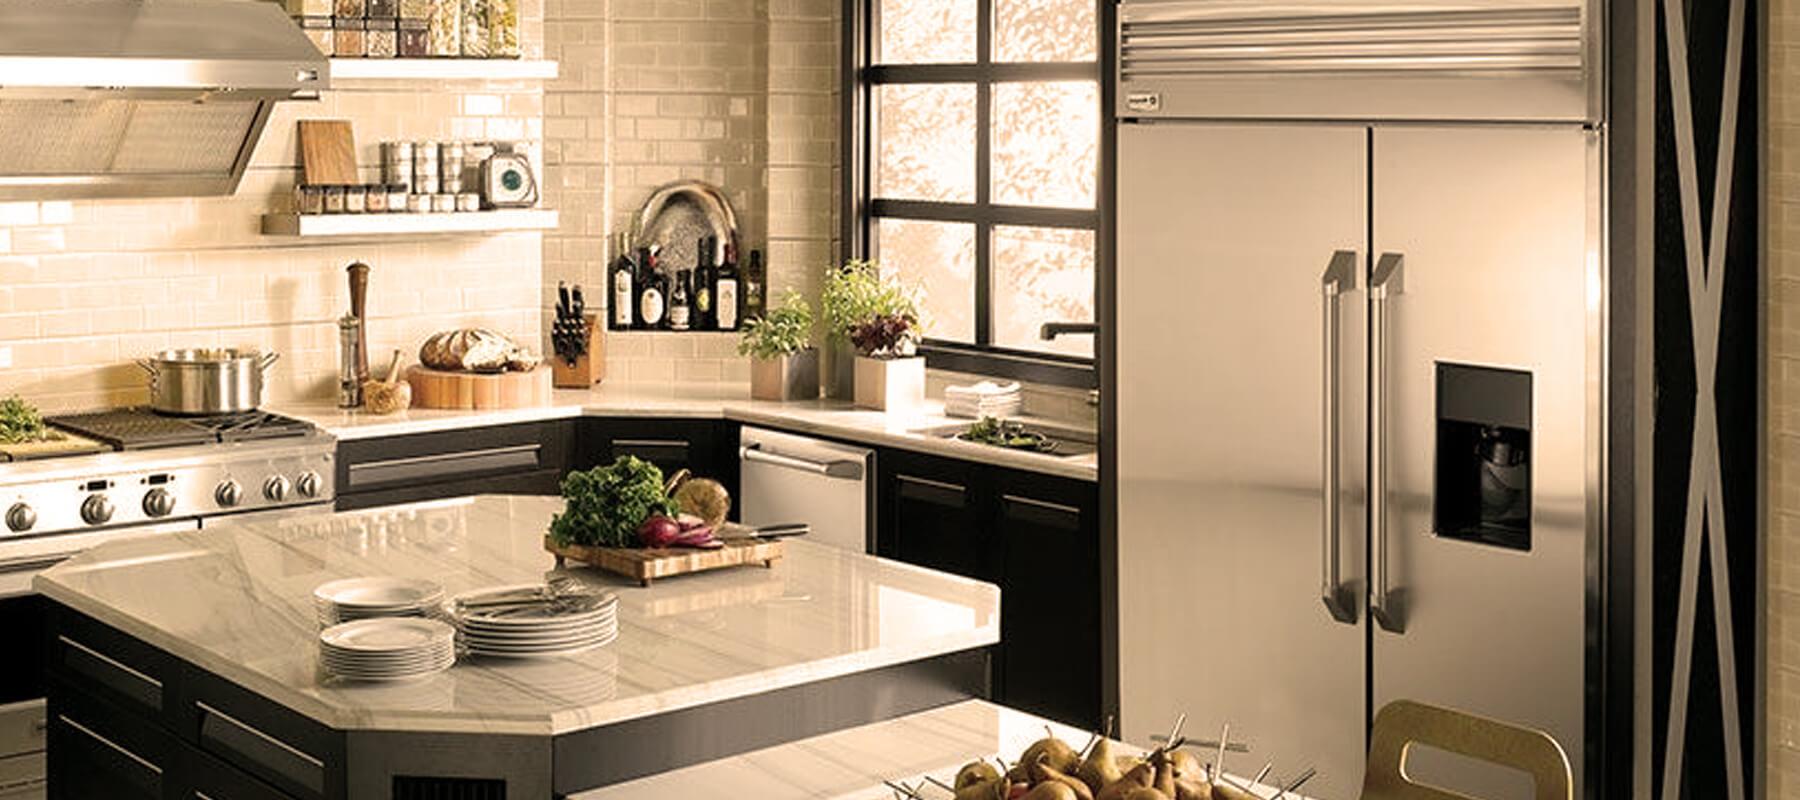 GE Monogram Built in Refrigerator Repair | Built in Refrigerator Repair Service